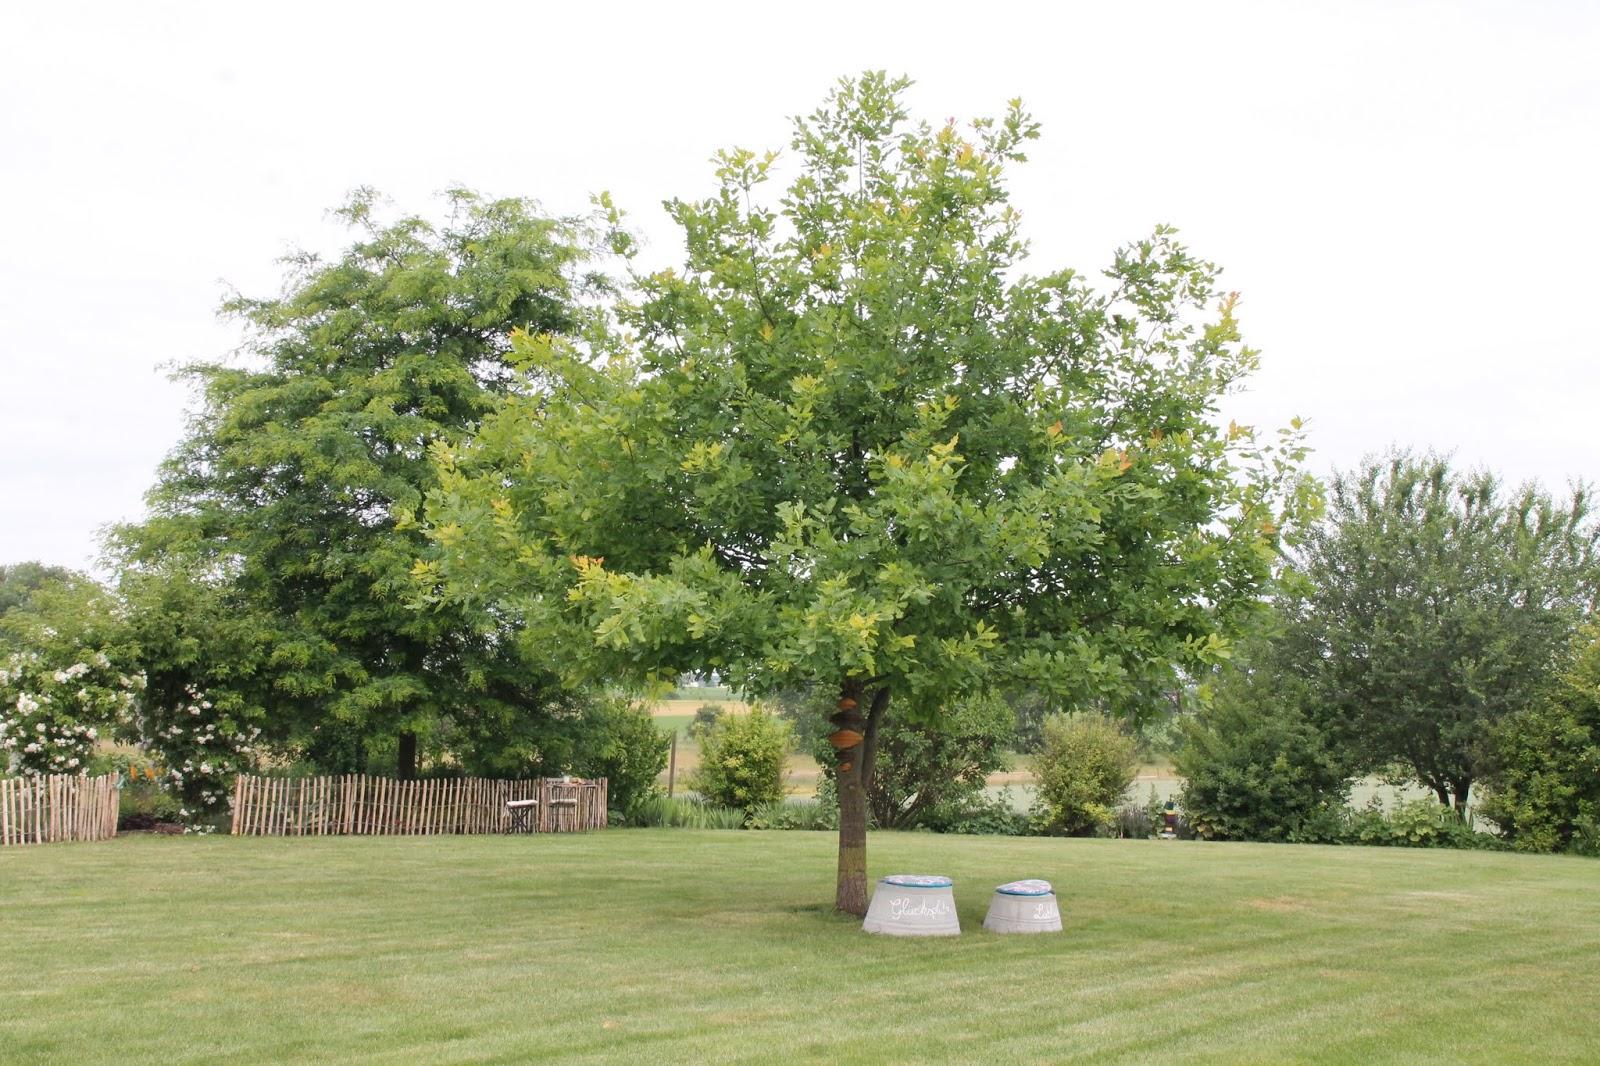 Mein Lieblingsbaum Im Garten